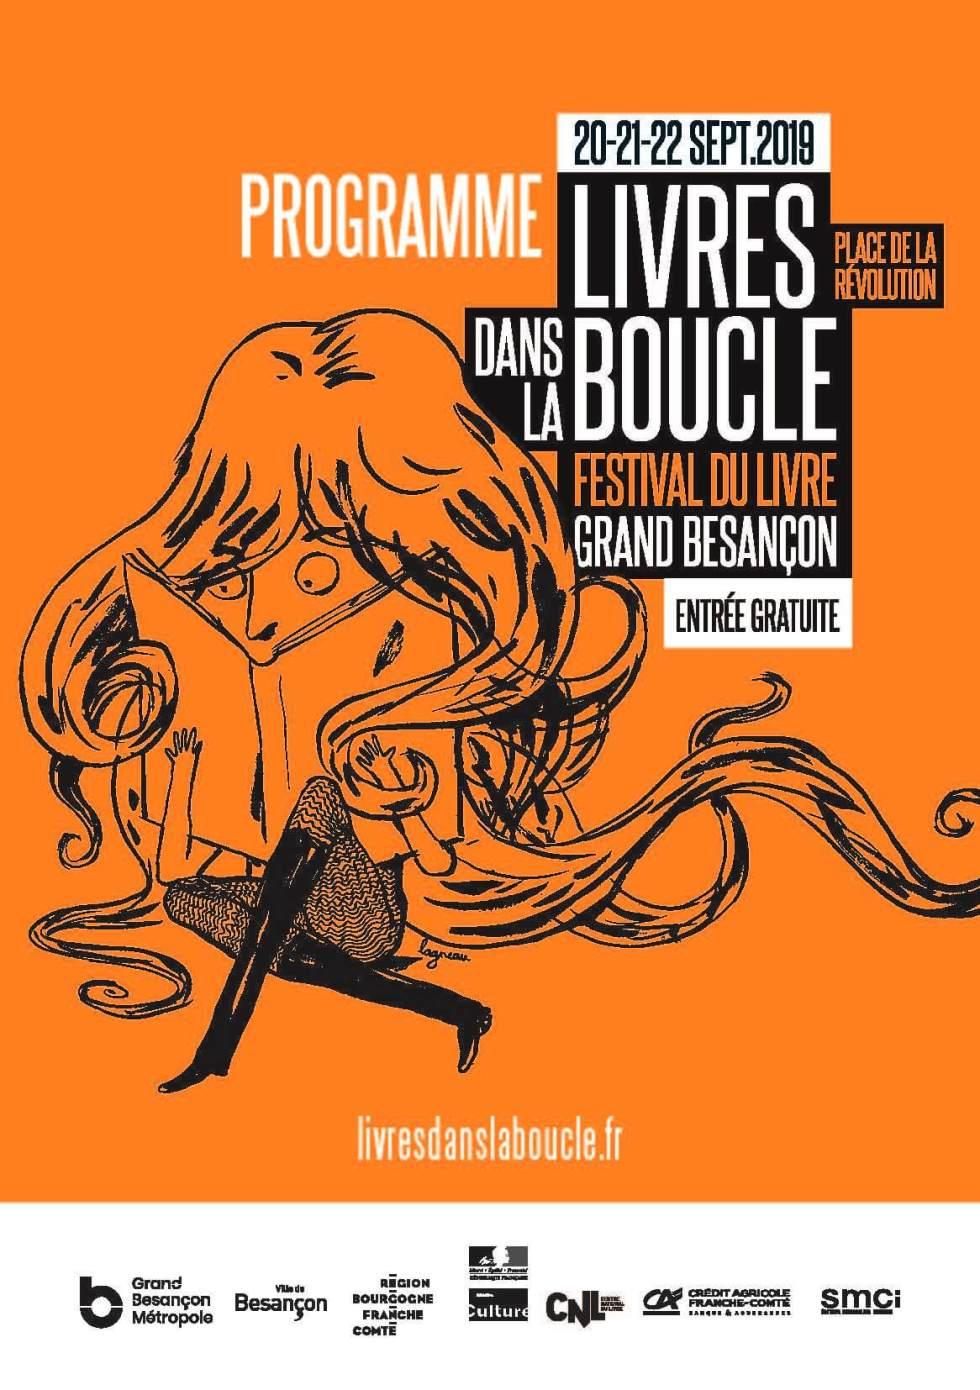 Affiche de Livres dans la boucle, festival à Besaçon